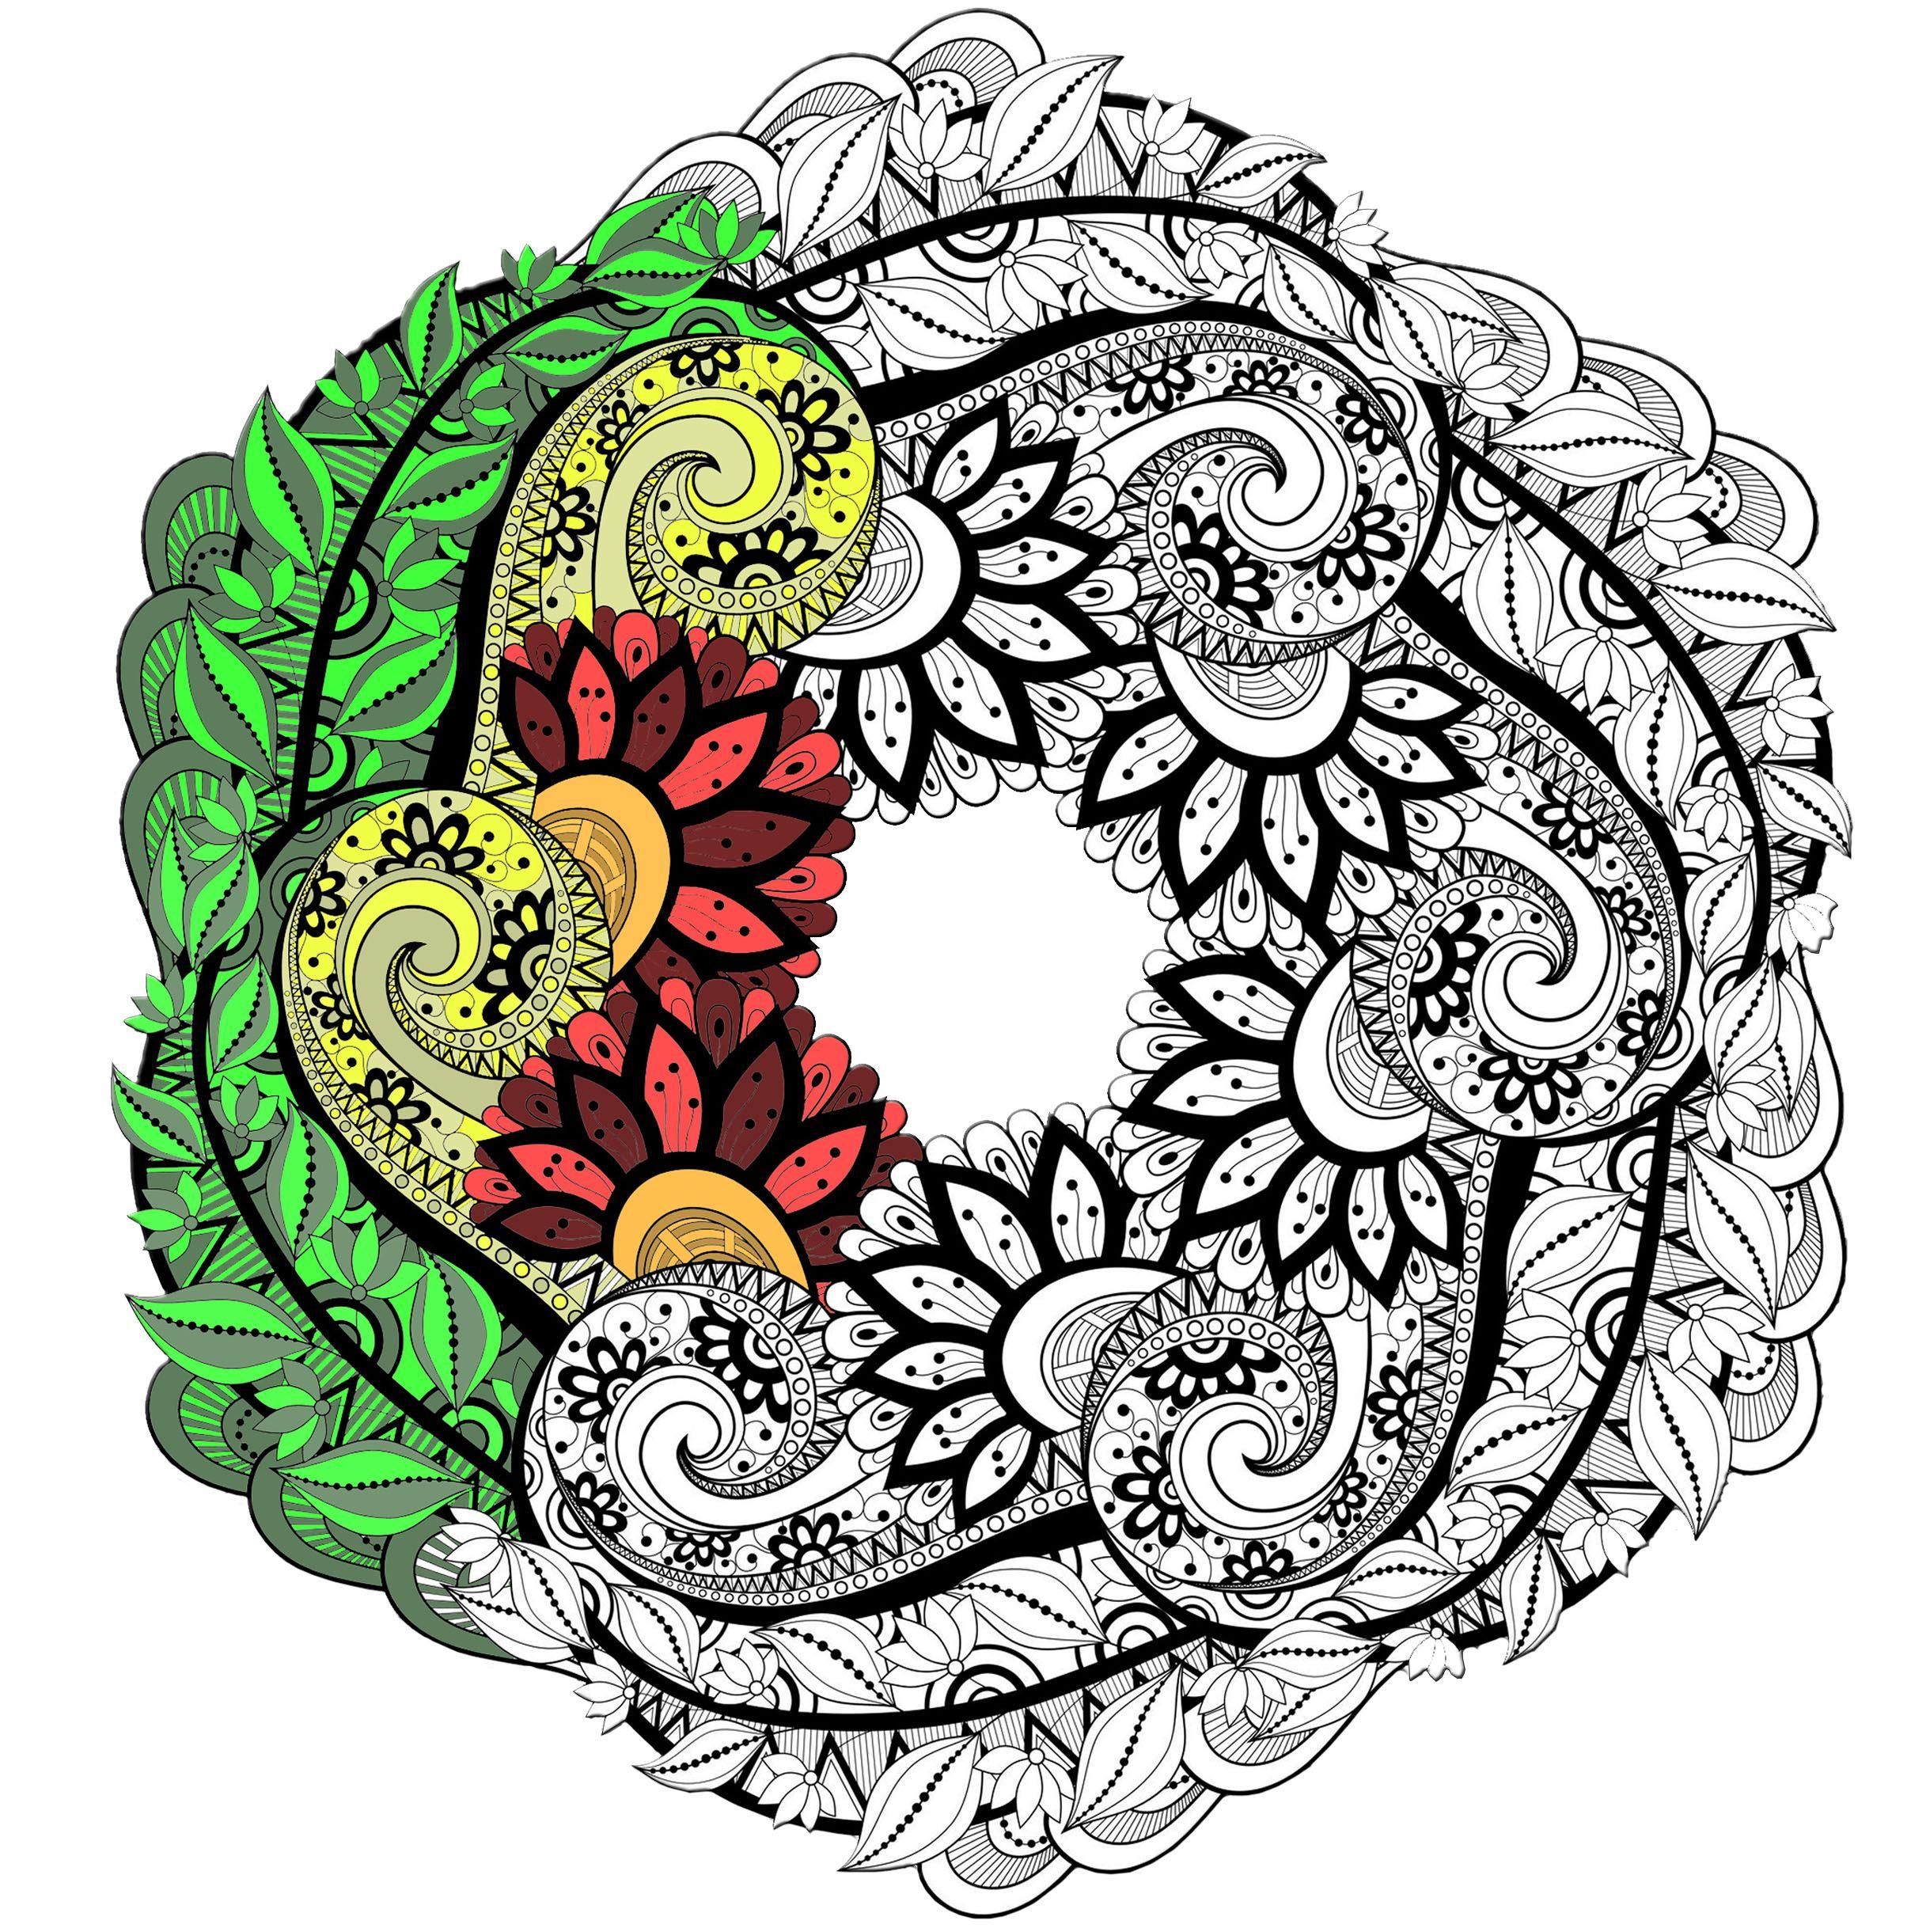 Inspirant Dessin A Imprimer De Chat Mandala